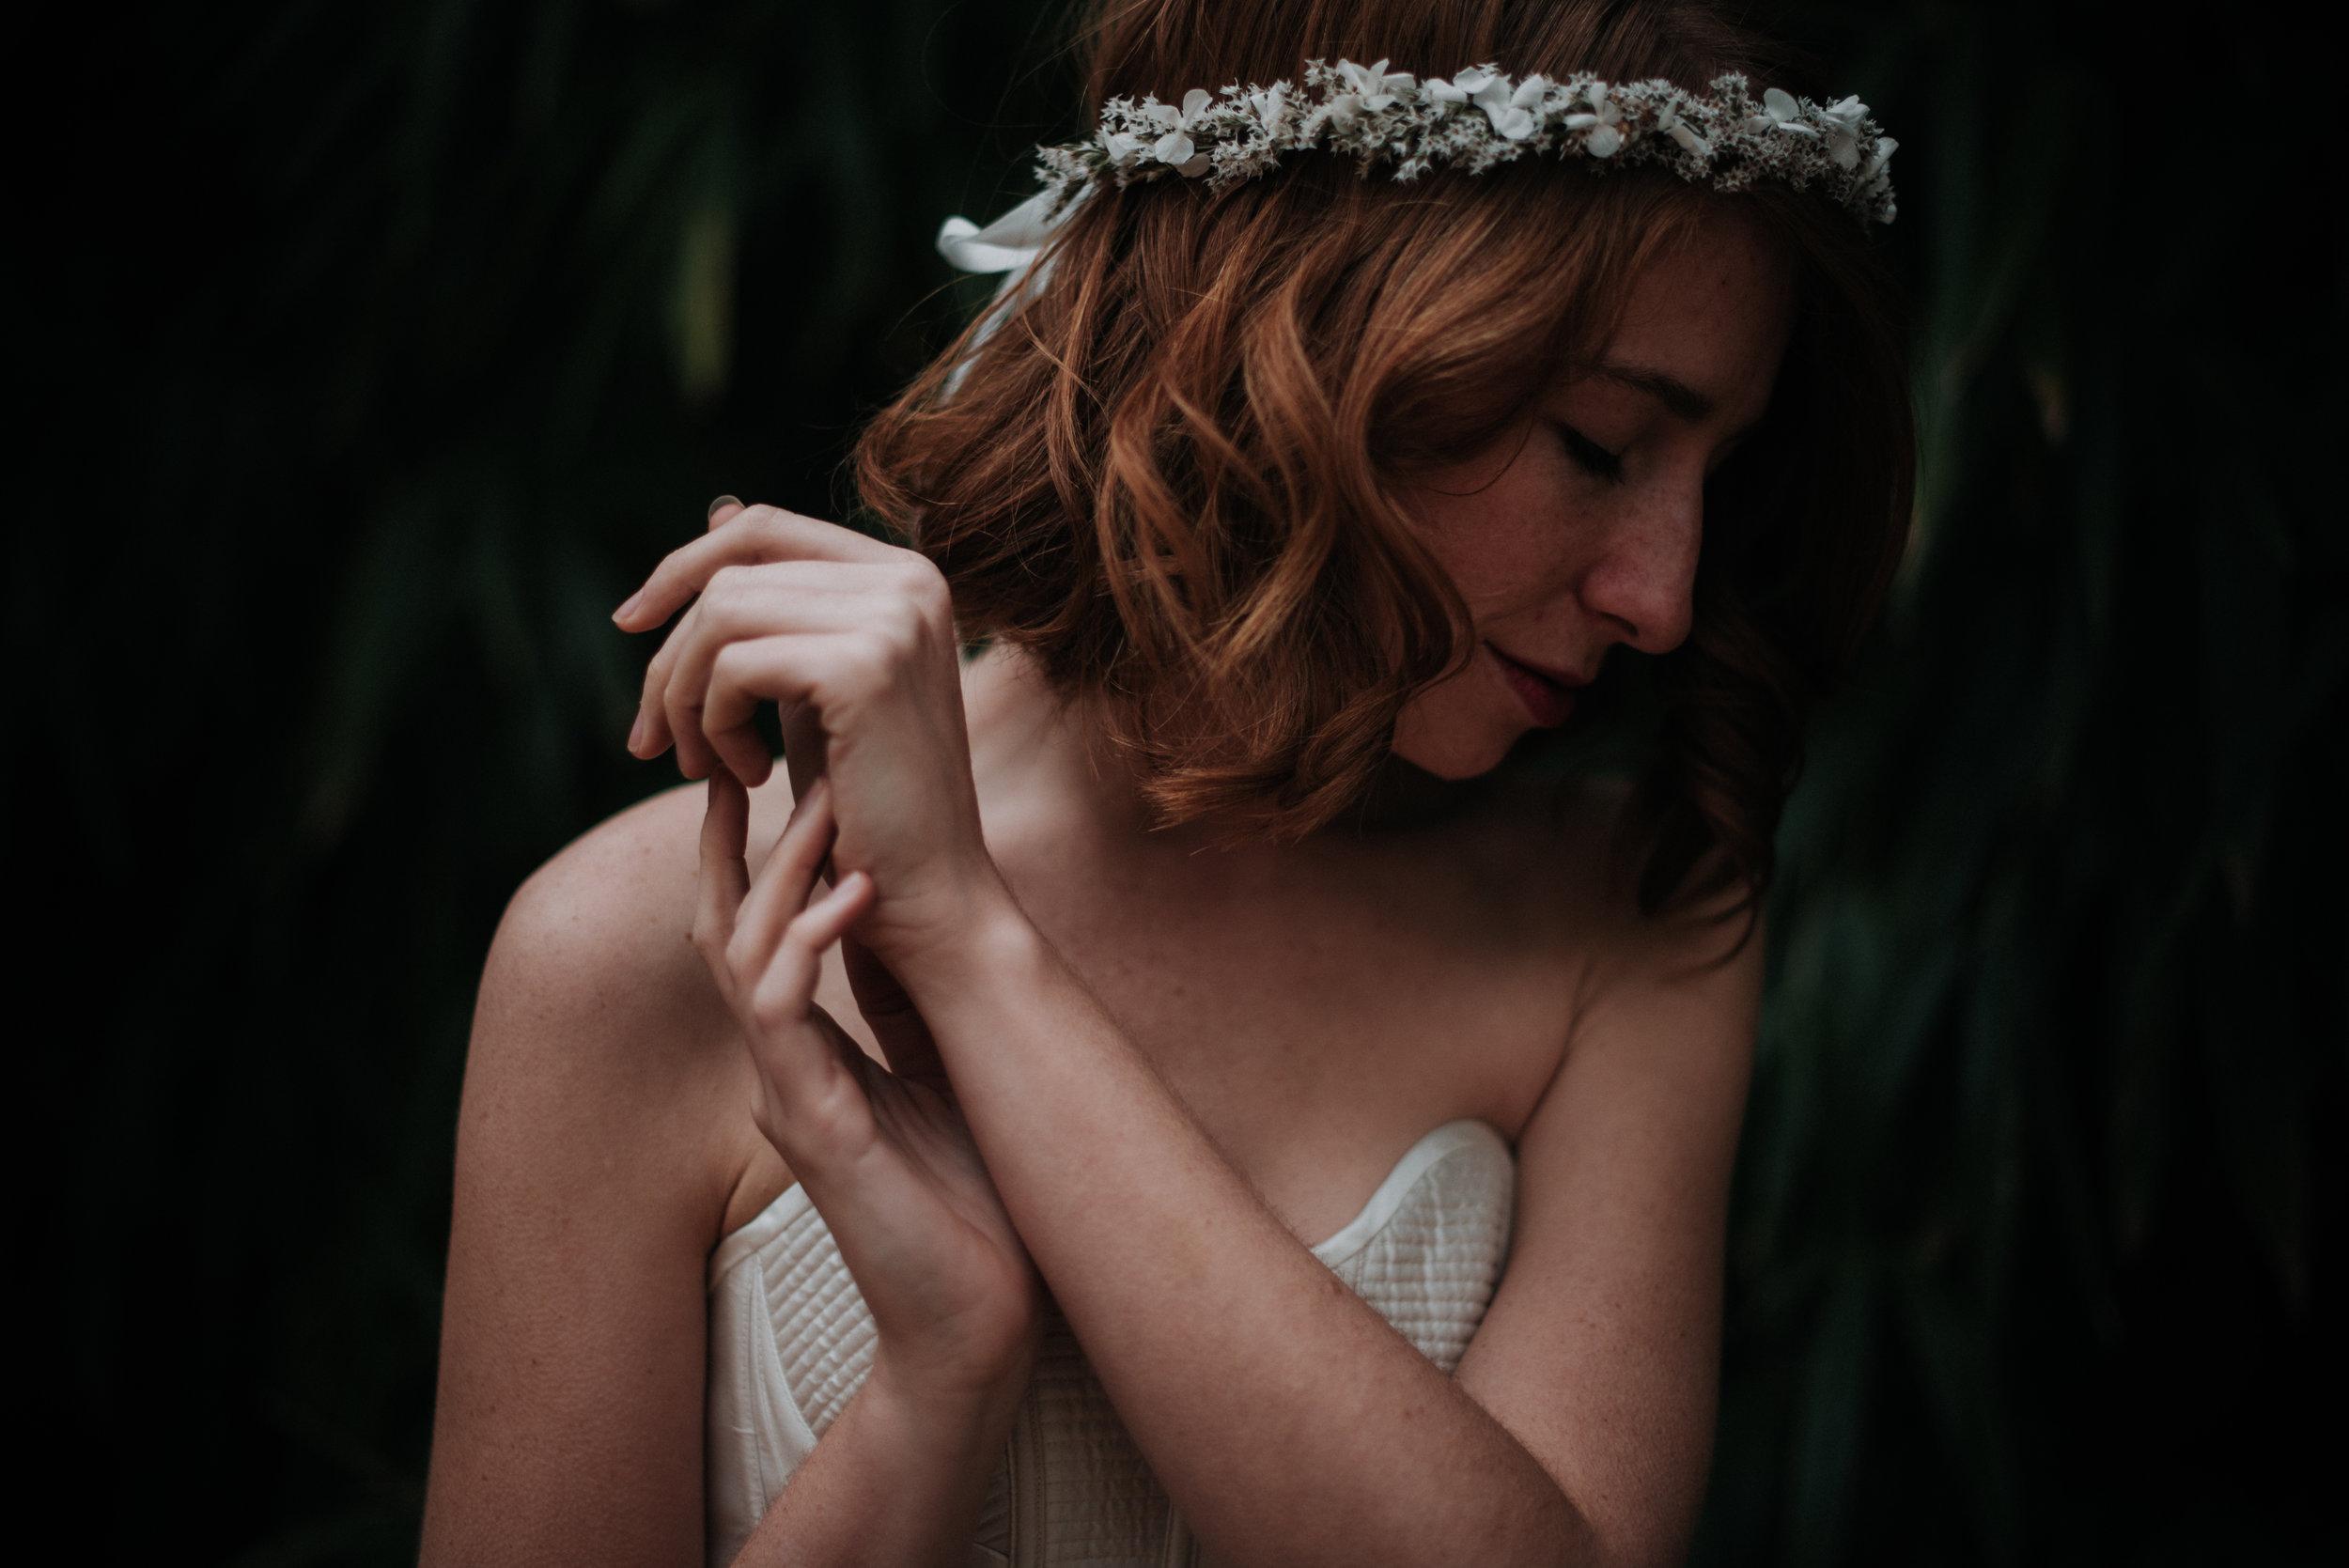 Léa-Fery-photographe-professionnel-lyon-rhone-alpes-portrait-creation-mariage-evenement-evenementiel-famille-6149.jpg